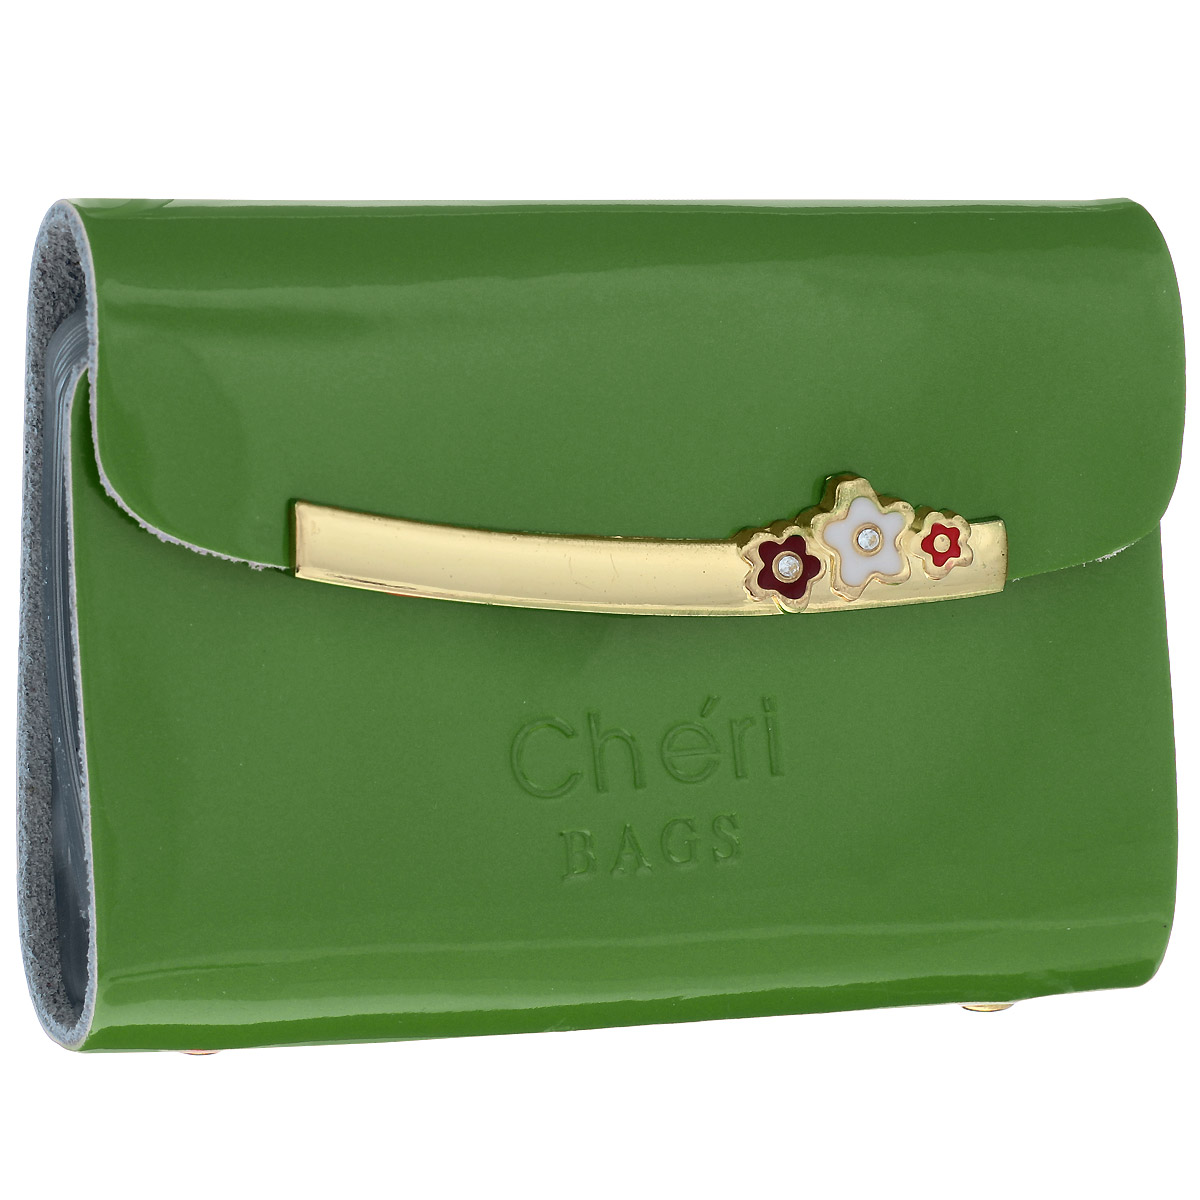 Визитница женская Cheribags, цвет: зеленый. V-0494-1422120Элегантная визитница Cheribags изготовлена из натуральной лаковой кожи и декорирована тисненым названием бренда спереди. Лицевая сторона украшена декоративным элементом из металла с цветами. Изделие закрывается клапаном на кнопку. Внутри - блок из прозрачного мягкого пластика на 26 визиток, который крепится к корпусу визитницы на металлические заклепки.Стильная визитница - это не только практичная вещь для хранения пластиковых карт, но и модный аксессуар, который подчеркнет ваш неповторимый стиль.